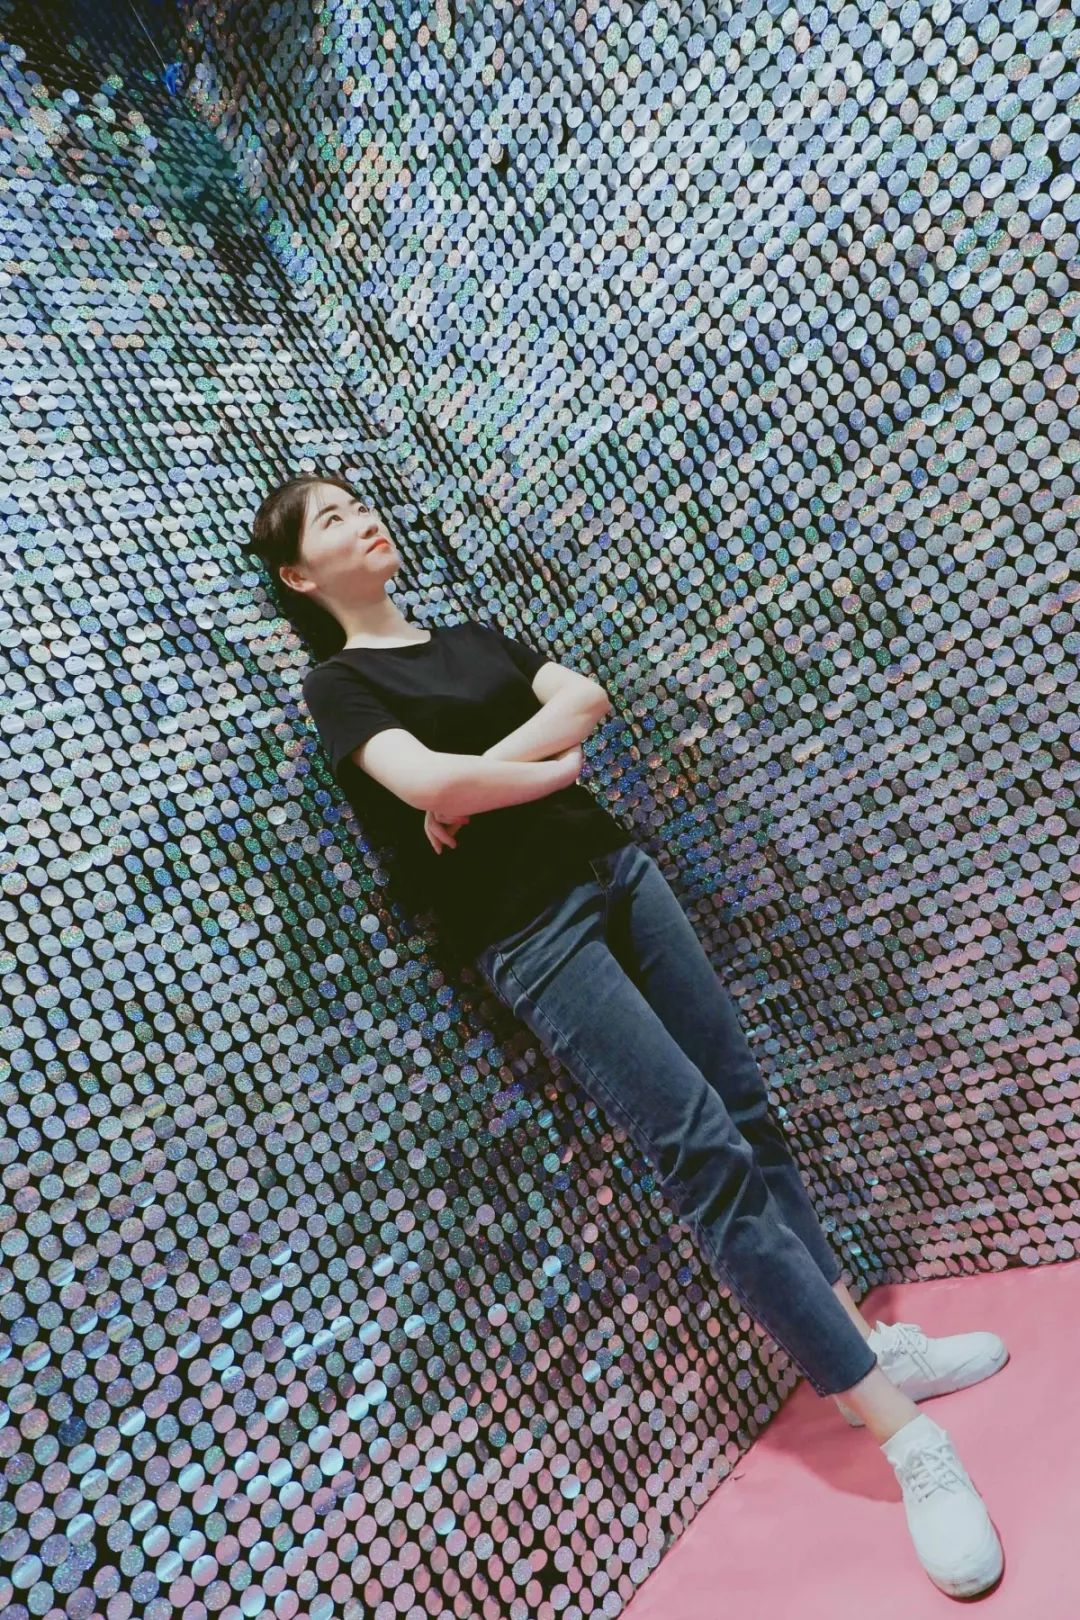 就在市中心,为郑州人打造声光影的沉浸梦境 一秒出片100张